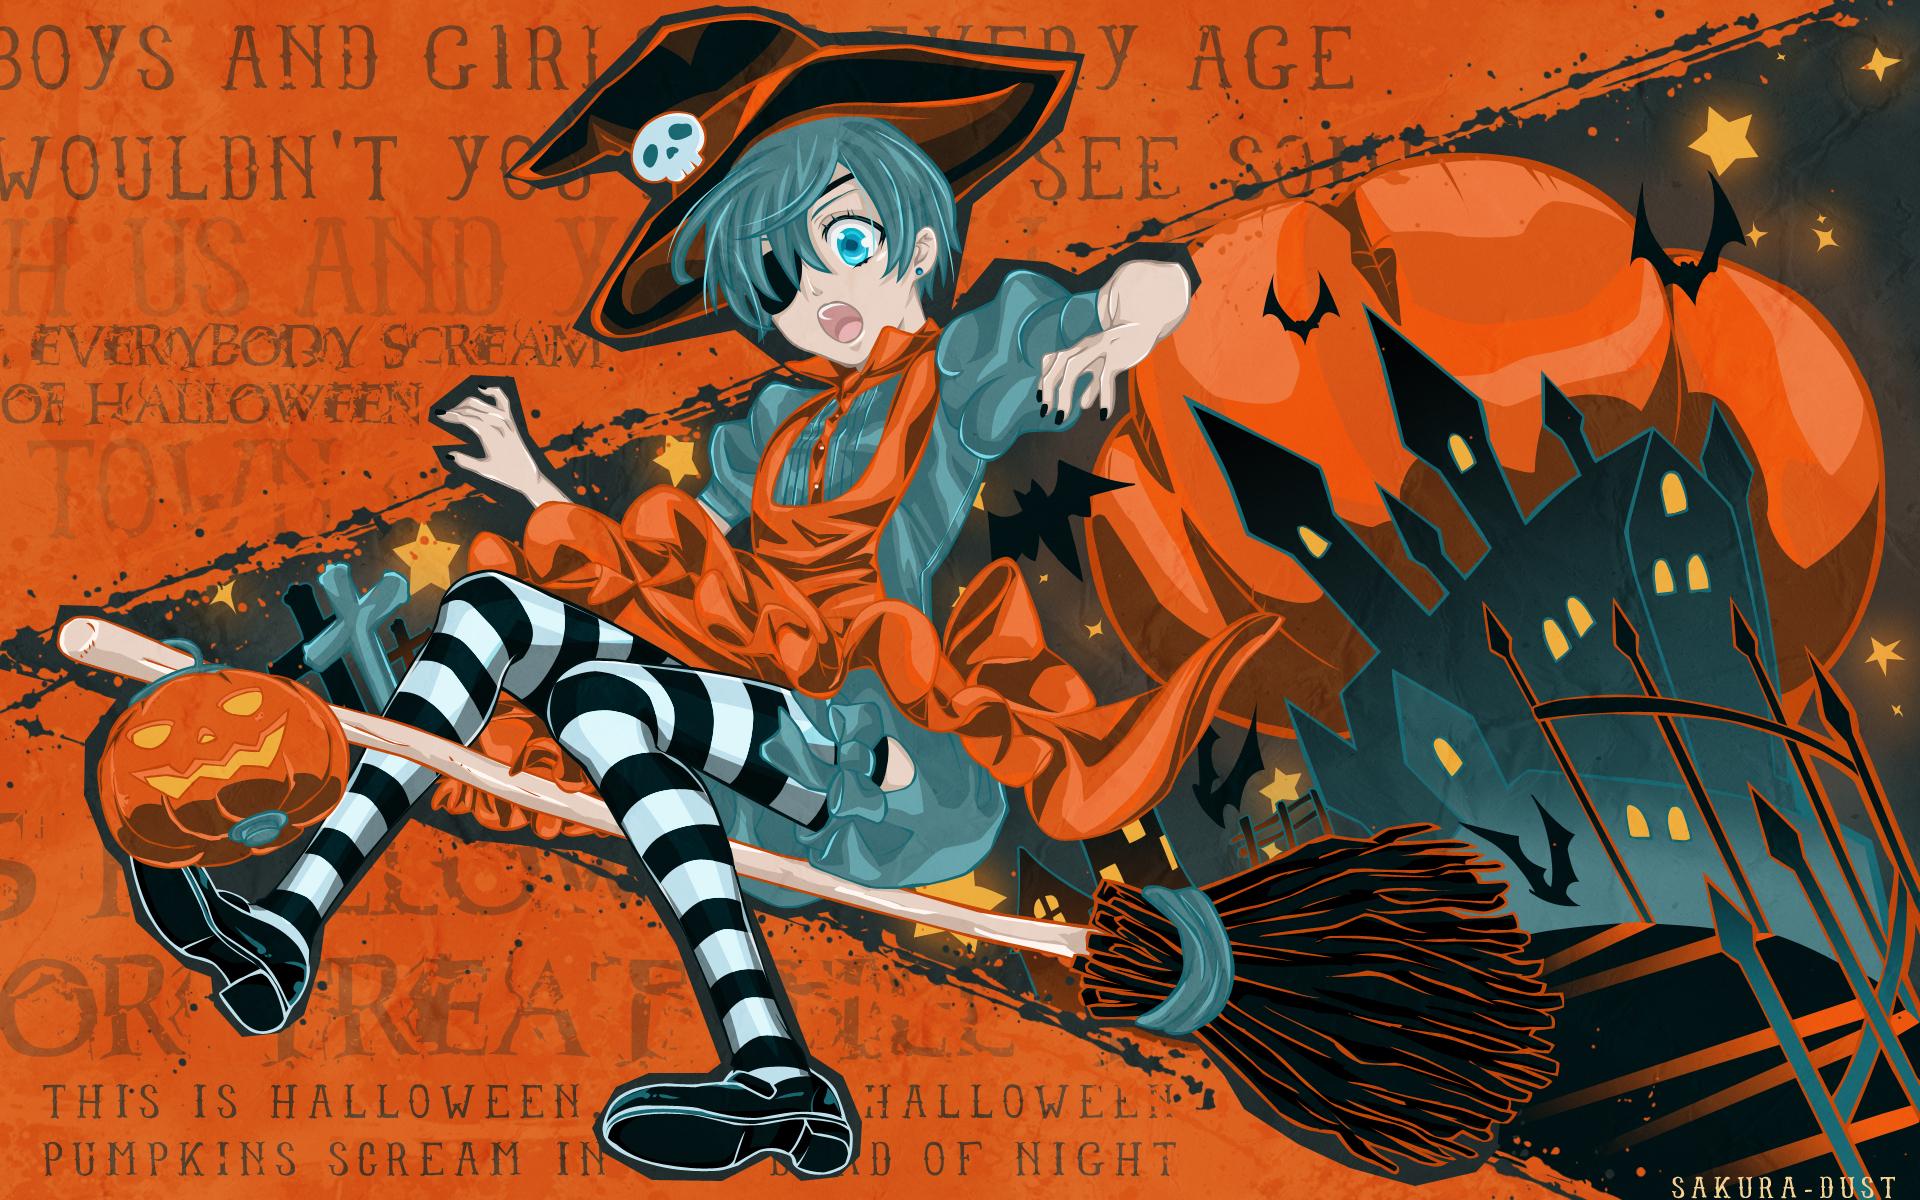 http://cdn.wallpapersafari.com/10/11/oGkwWS.jpg